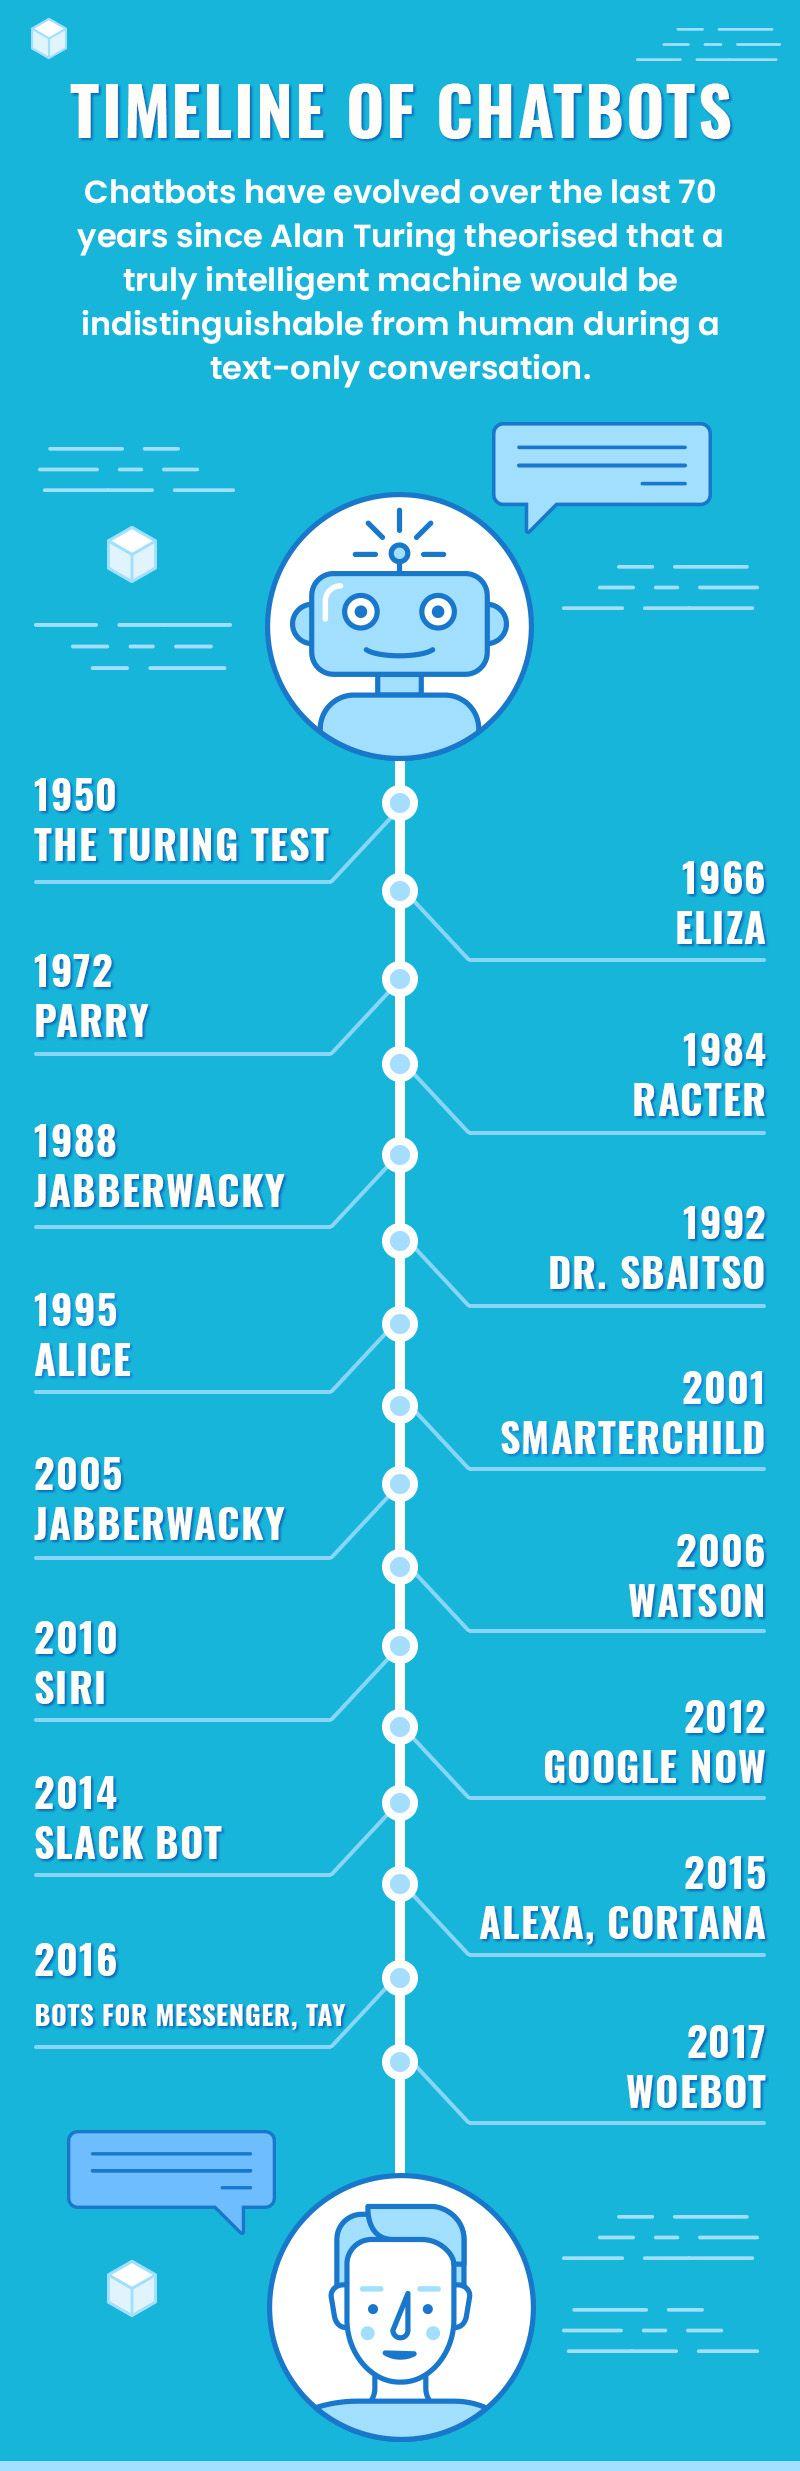 Timeline of Chatbots